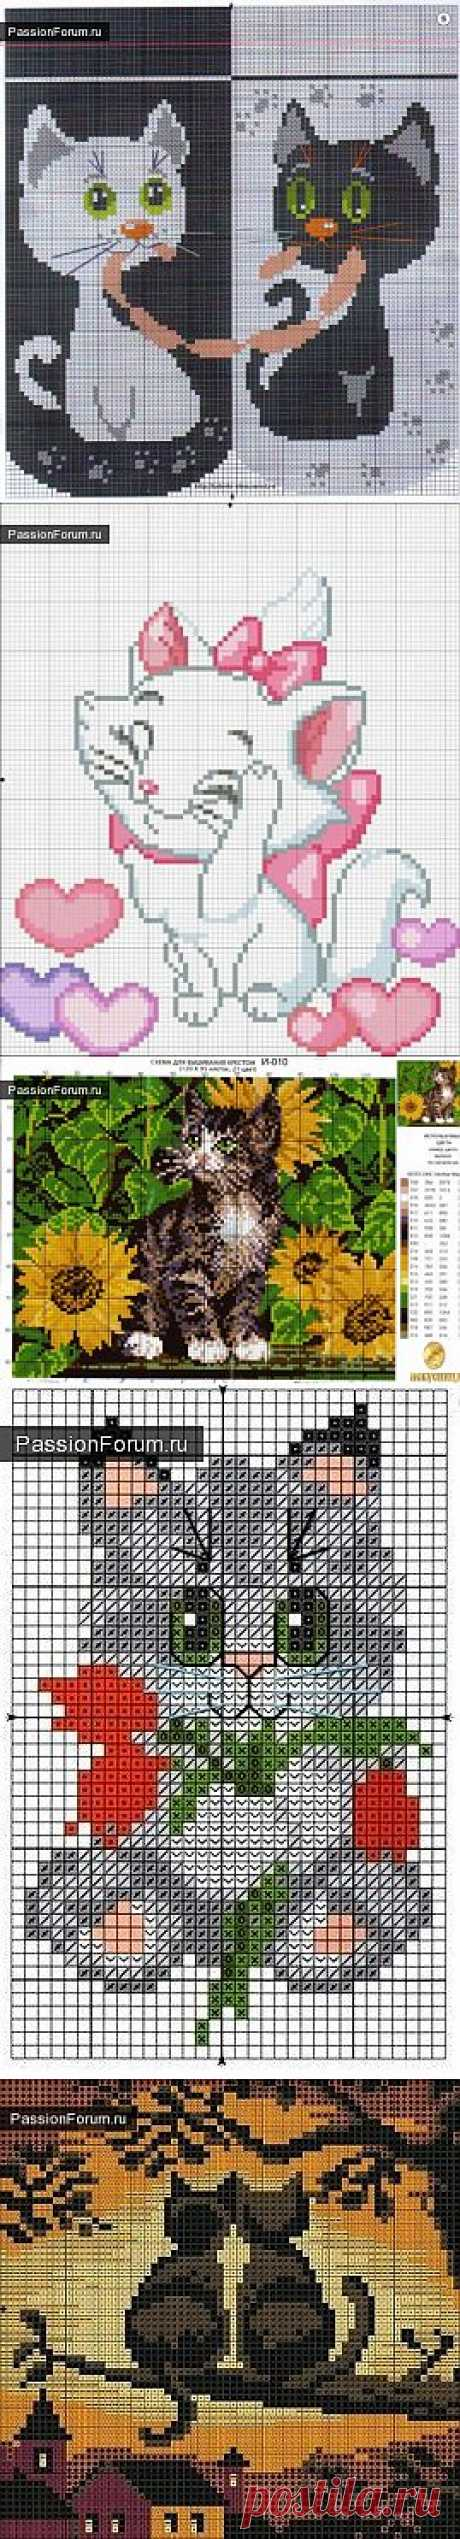 Коты и кошки. ЧАСТЬ 7 / Схемы вышивки крестиком / PassionForum - мастер-классы по рукоделию